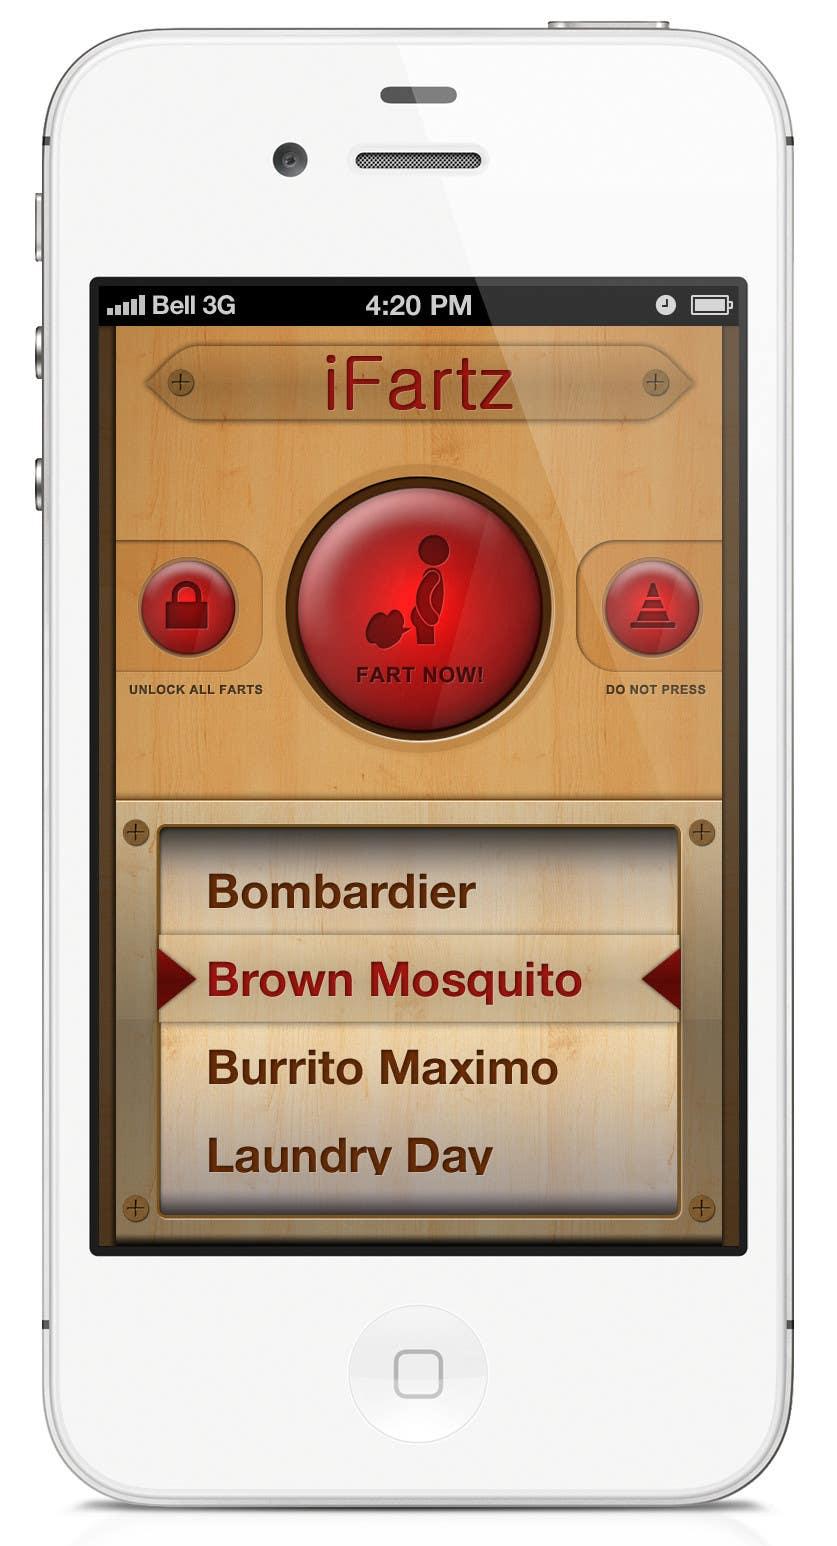 Bài tham dự cuộc thi #                                        5                                      cho                                         App Design for App Similar to iFart